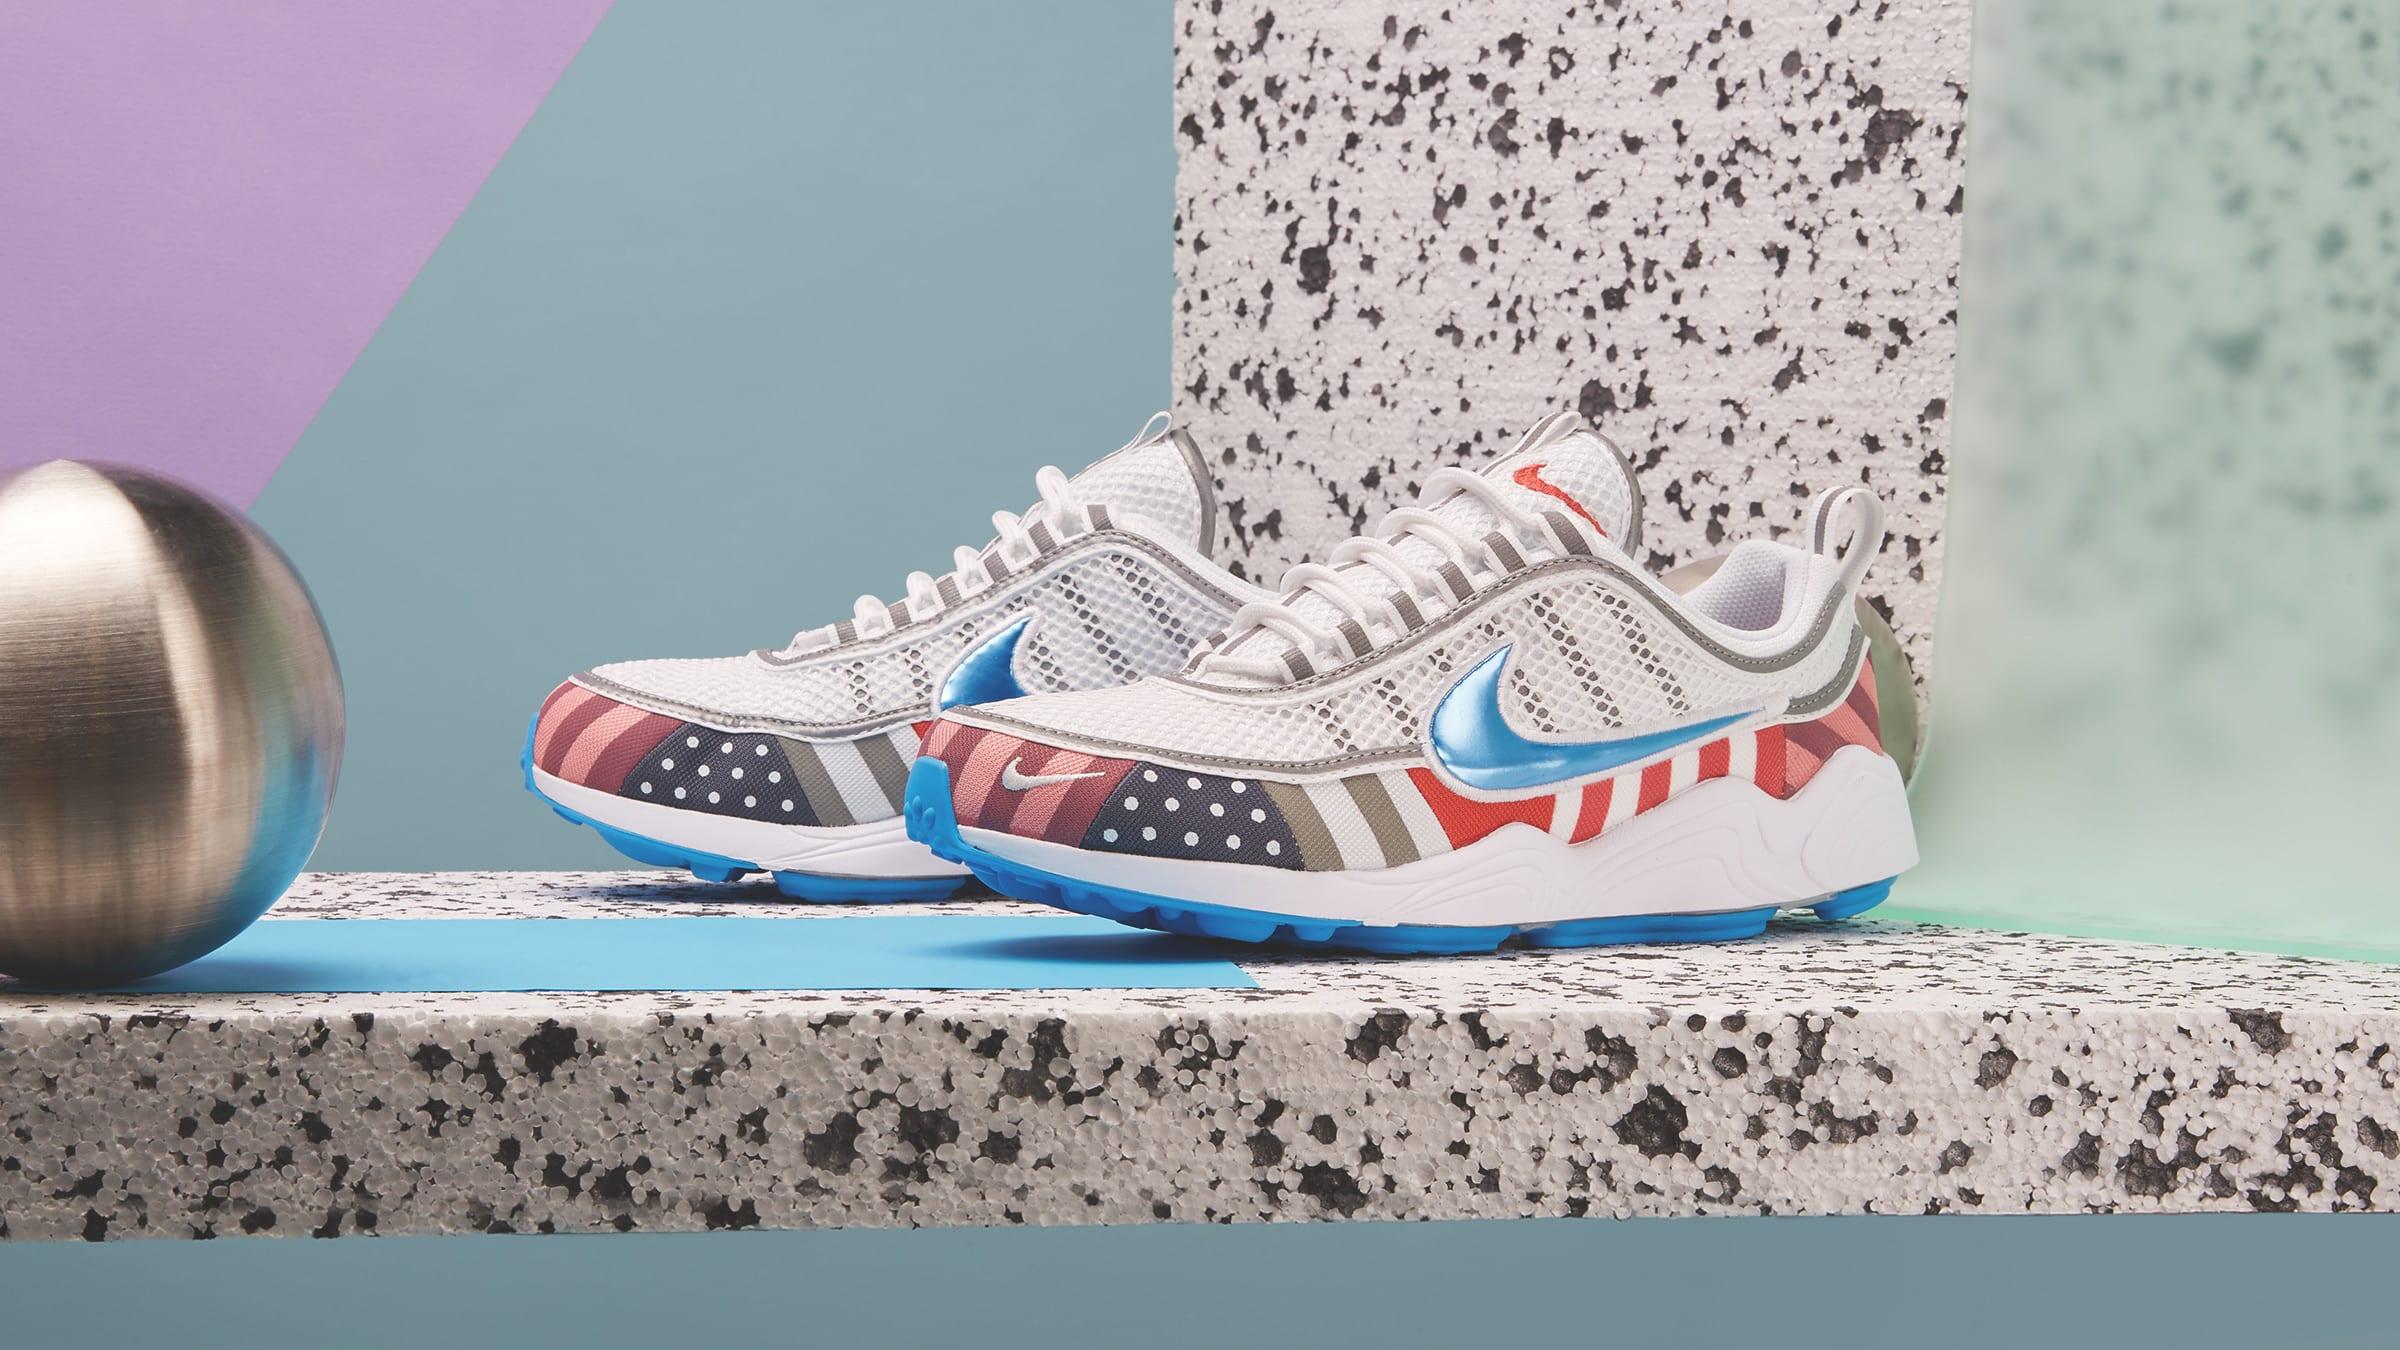 Nike x Parra Air Zoom Spiridon (White & Multi)